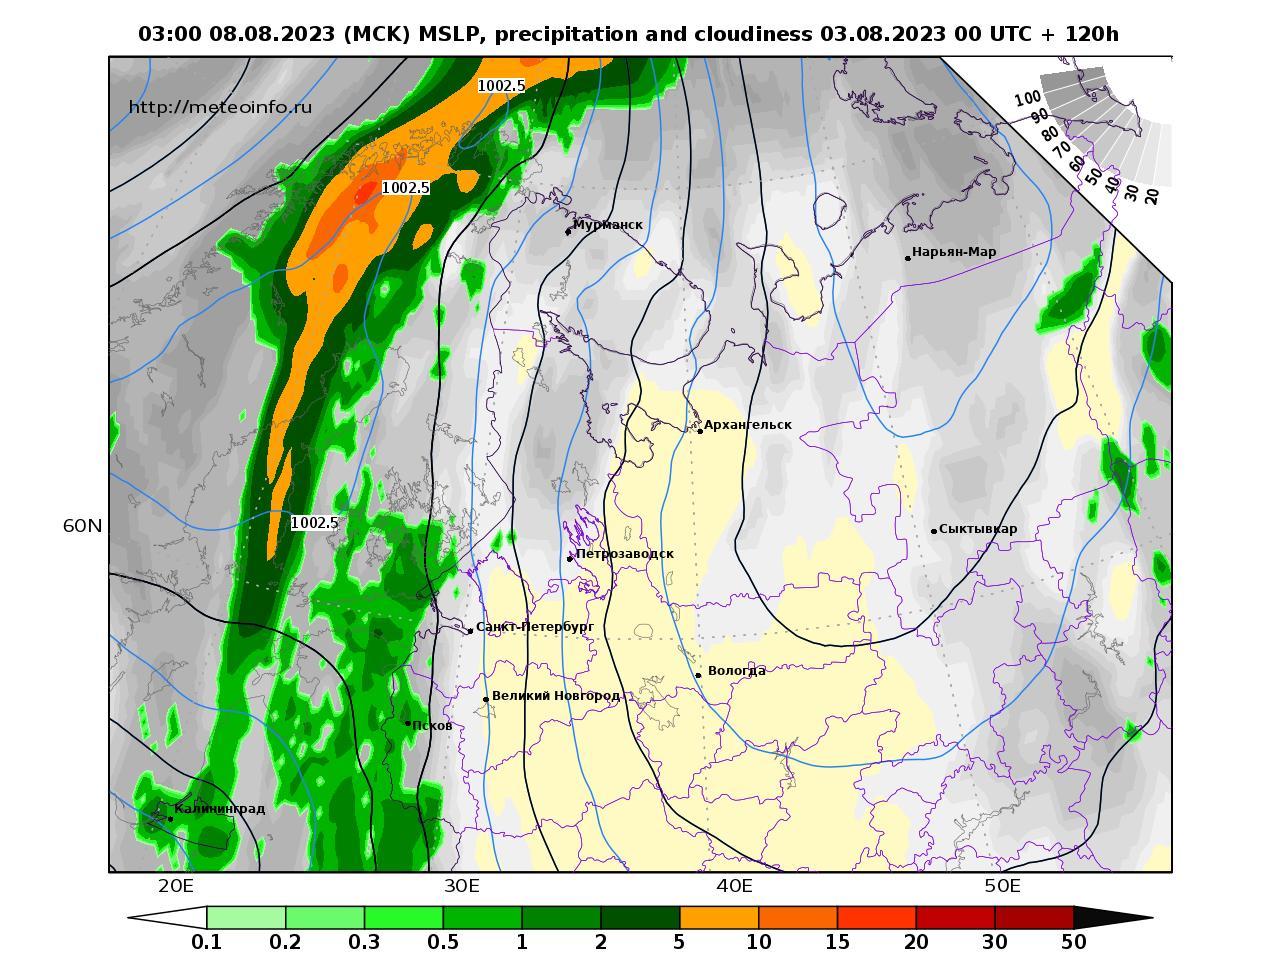 Северо-Западный Федеральный округ, прогностическая карта осадки и давление, заблаговременность прогноза 120 часов